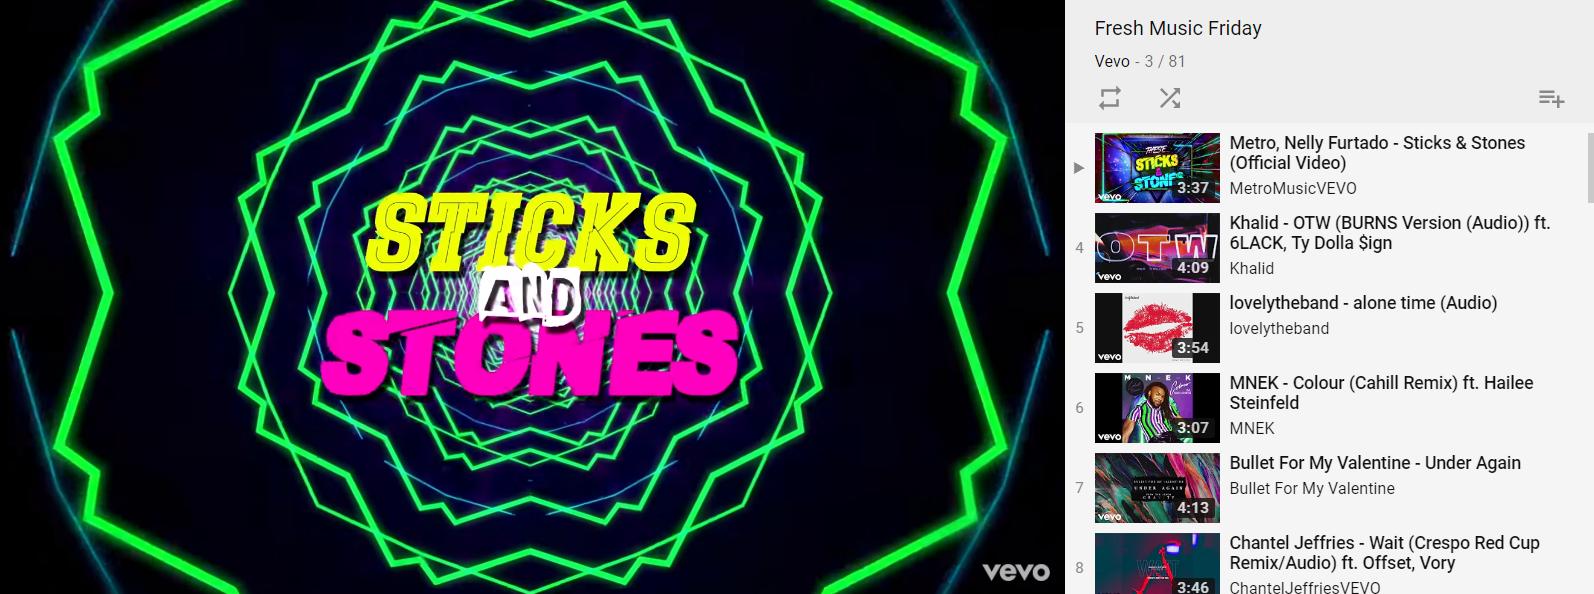 vevo fresh music friday sticks and stones lyric video